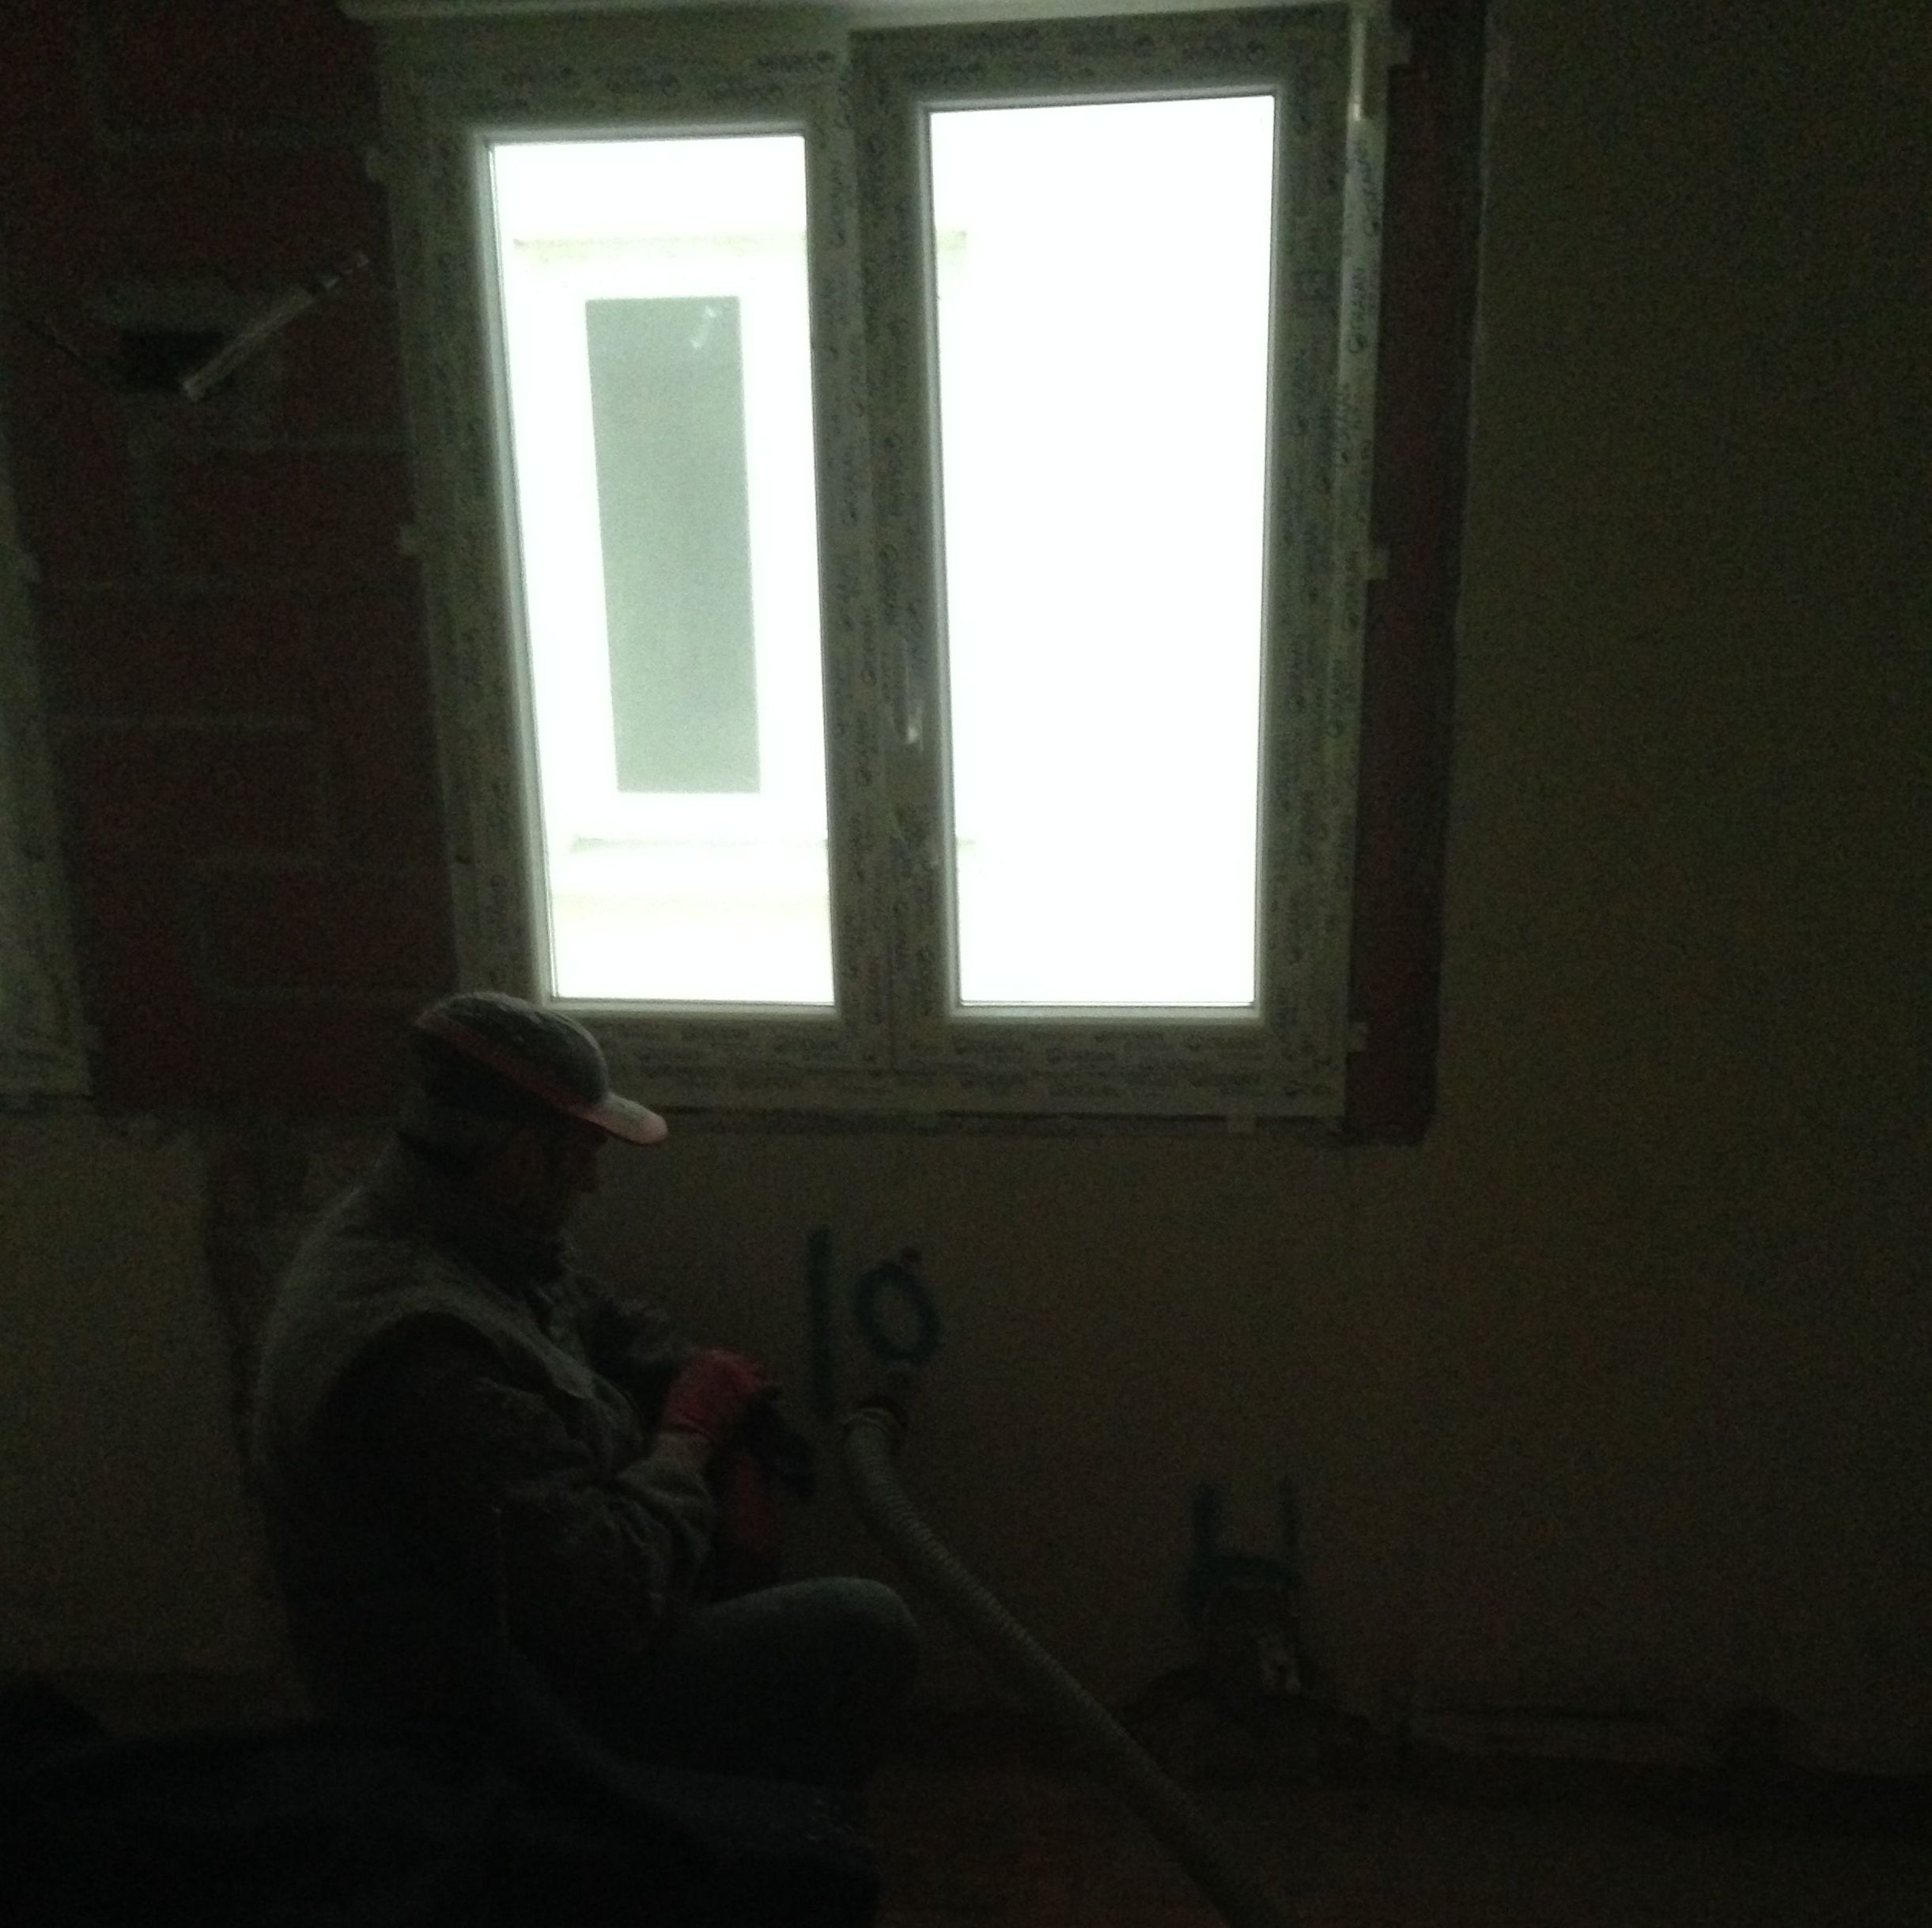 Foto 55 de Aislamientos acústicos y térmicos en Logroño | Rinso Montajes e Instalaciones, S.L.